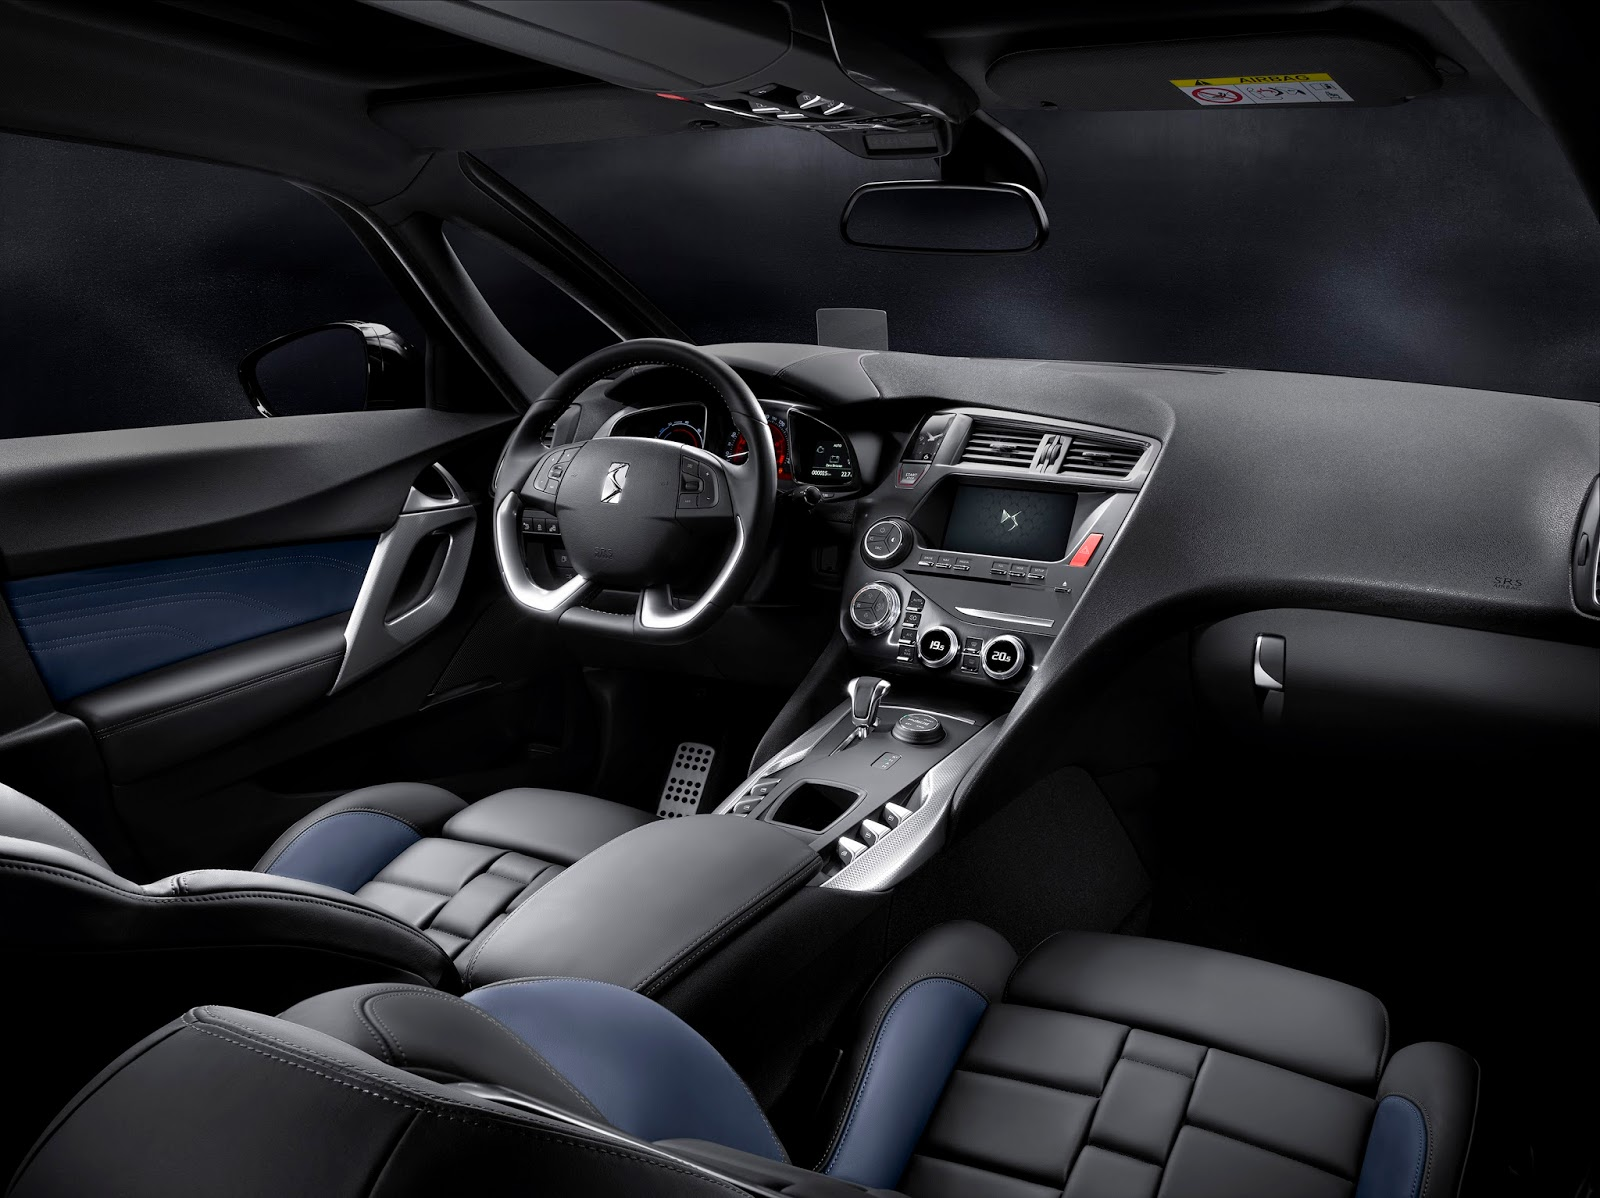 15BB4 Στο Σαλόνι Αυτοκινήτου της Γενεύης η παγκόσμια πρεμιέρα για το DS 3 PERFORMANCE & DS 3 Cabrio PERFORMANCE των 208 ίππων ds 3, DS 3 PERFORMANCE, DS 4, DS 4 Crossback, DS 5, DS Automobiles, Virtual Garage, Σαλόνι Αυτοκινήτου, Σαλόνι Αυτοκινήτου της Γενεύης